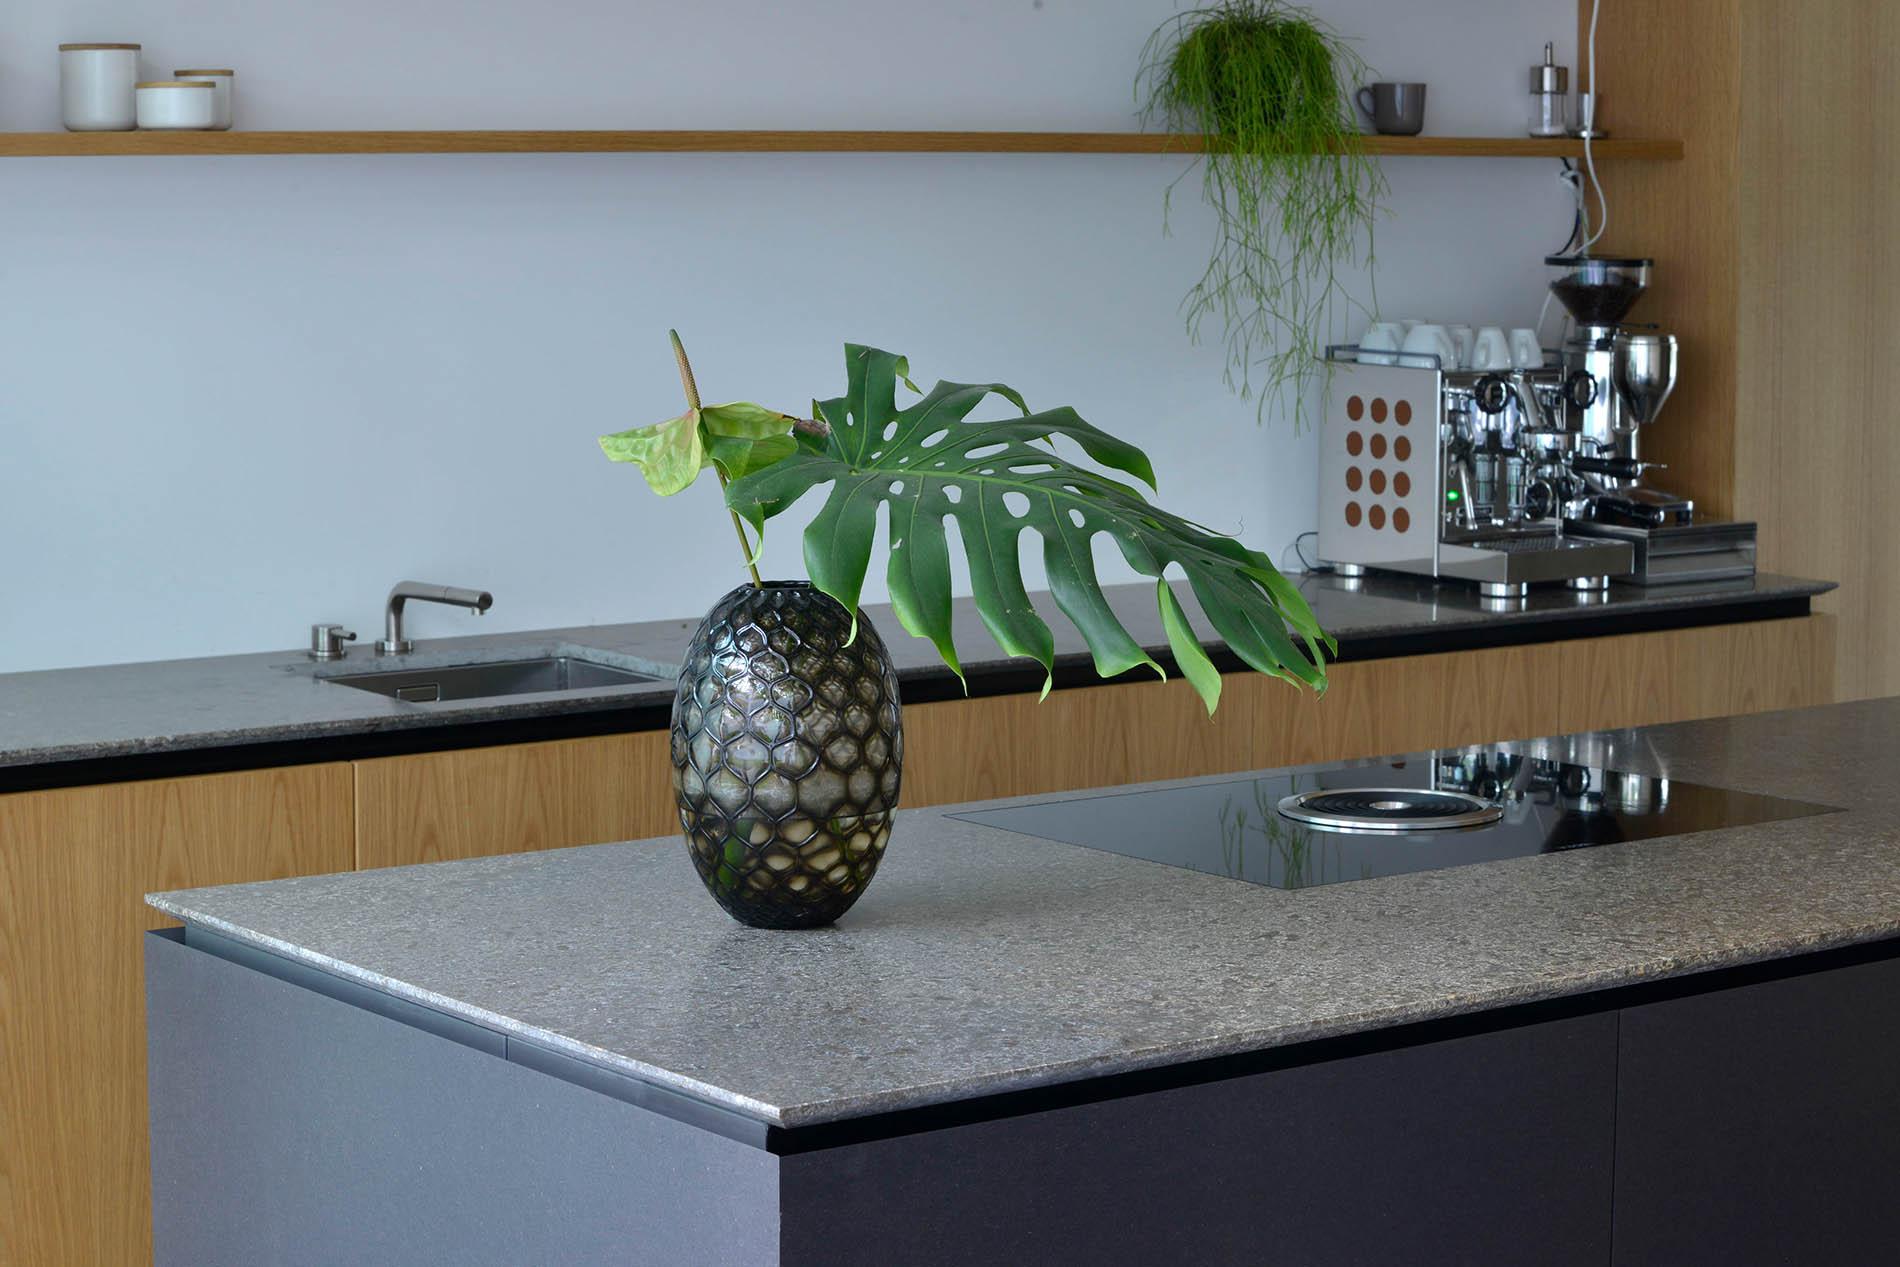 Naturstein Küchenarbeitsplatte aus Muschelkalk